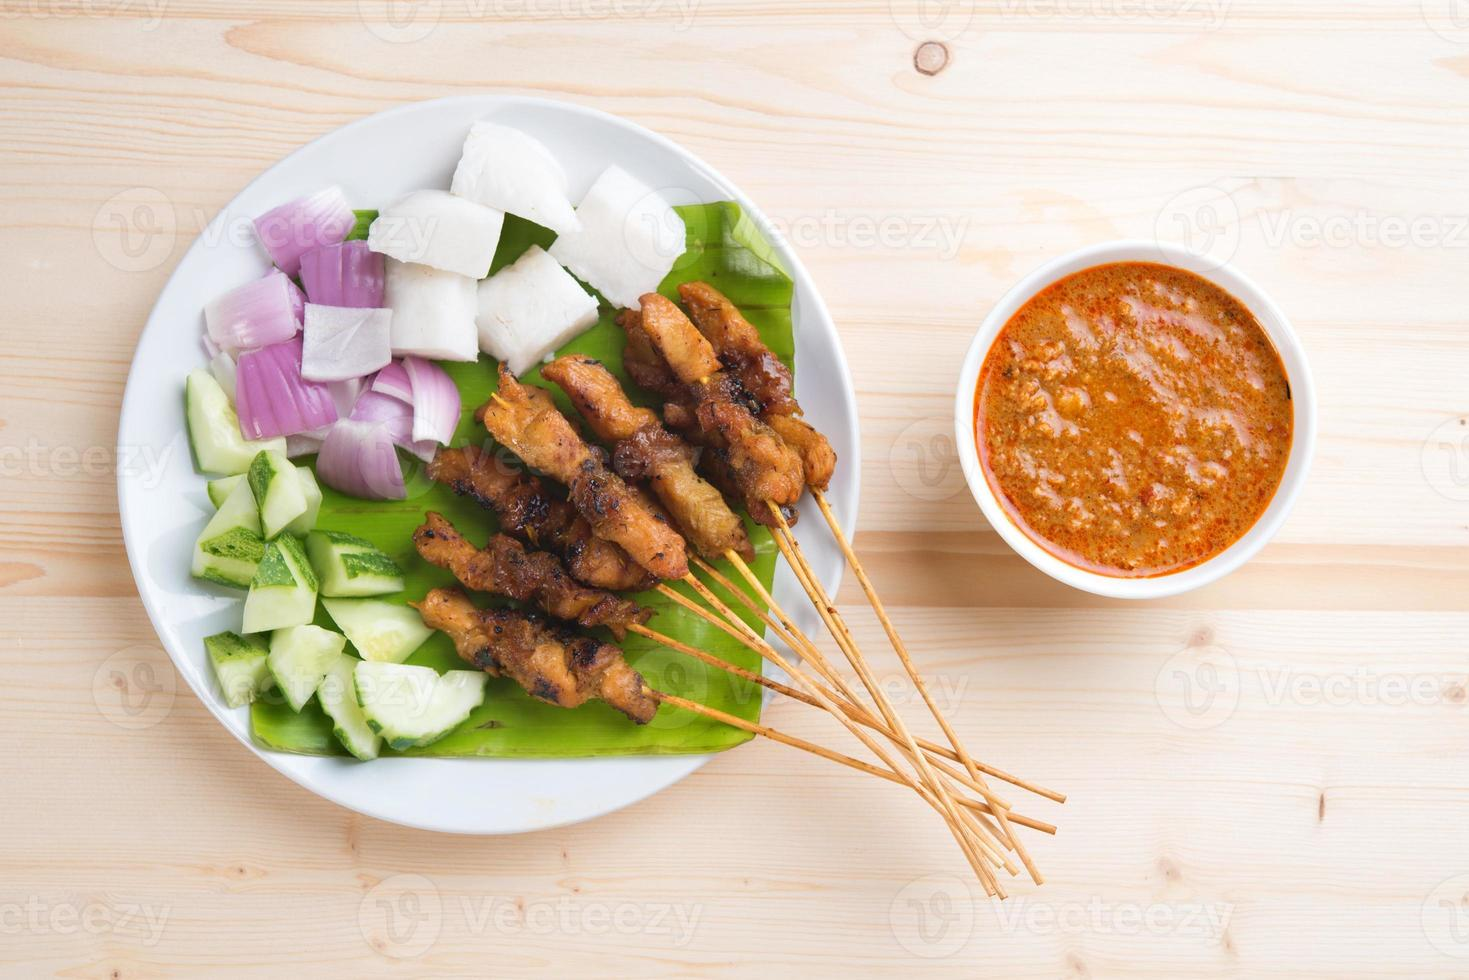 espetadas de frango gourmet asiática foto